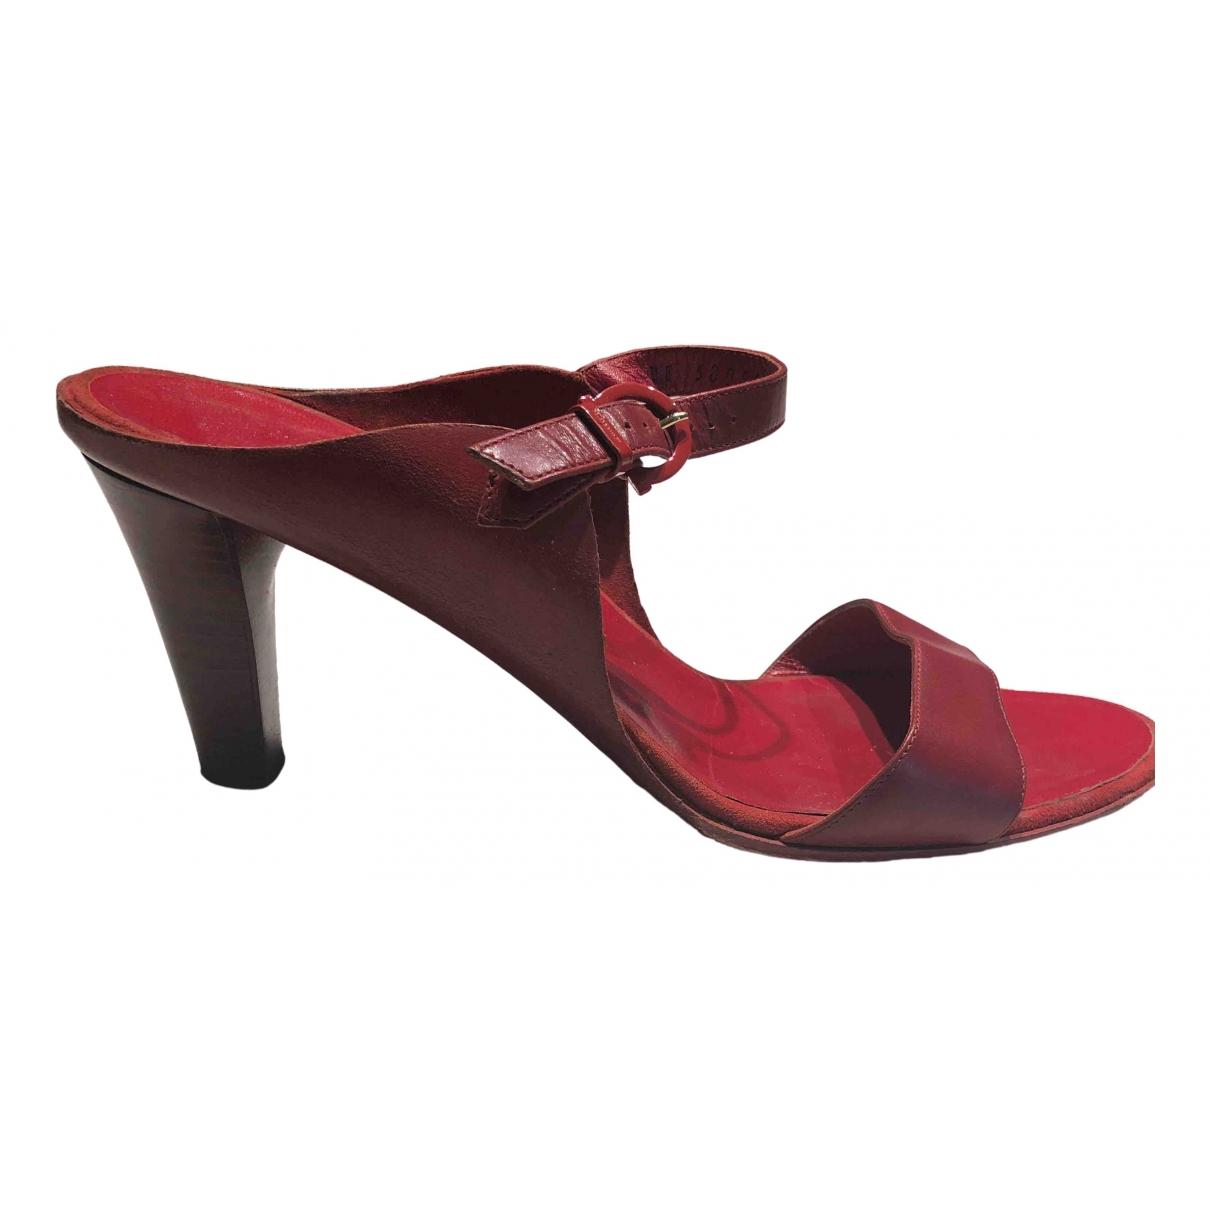 Salvatore Ferragamo - Sandales   pour femme en cuir - rouge